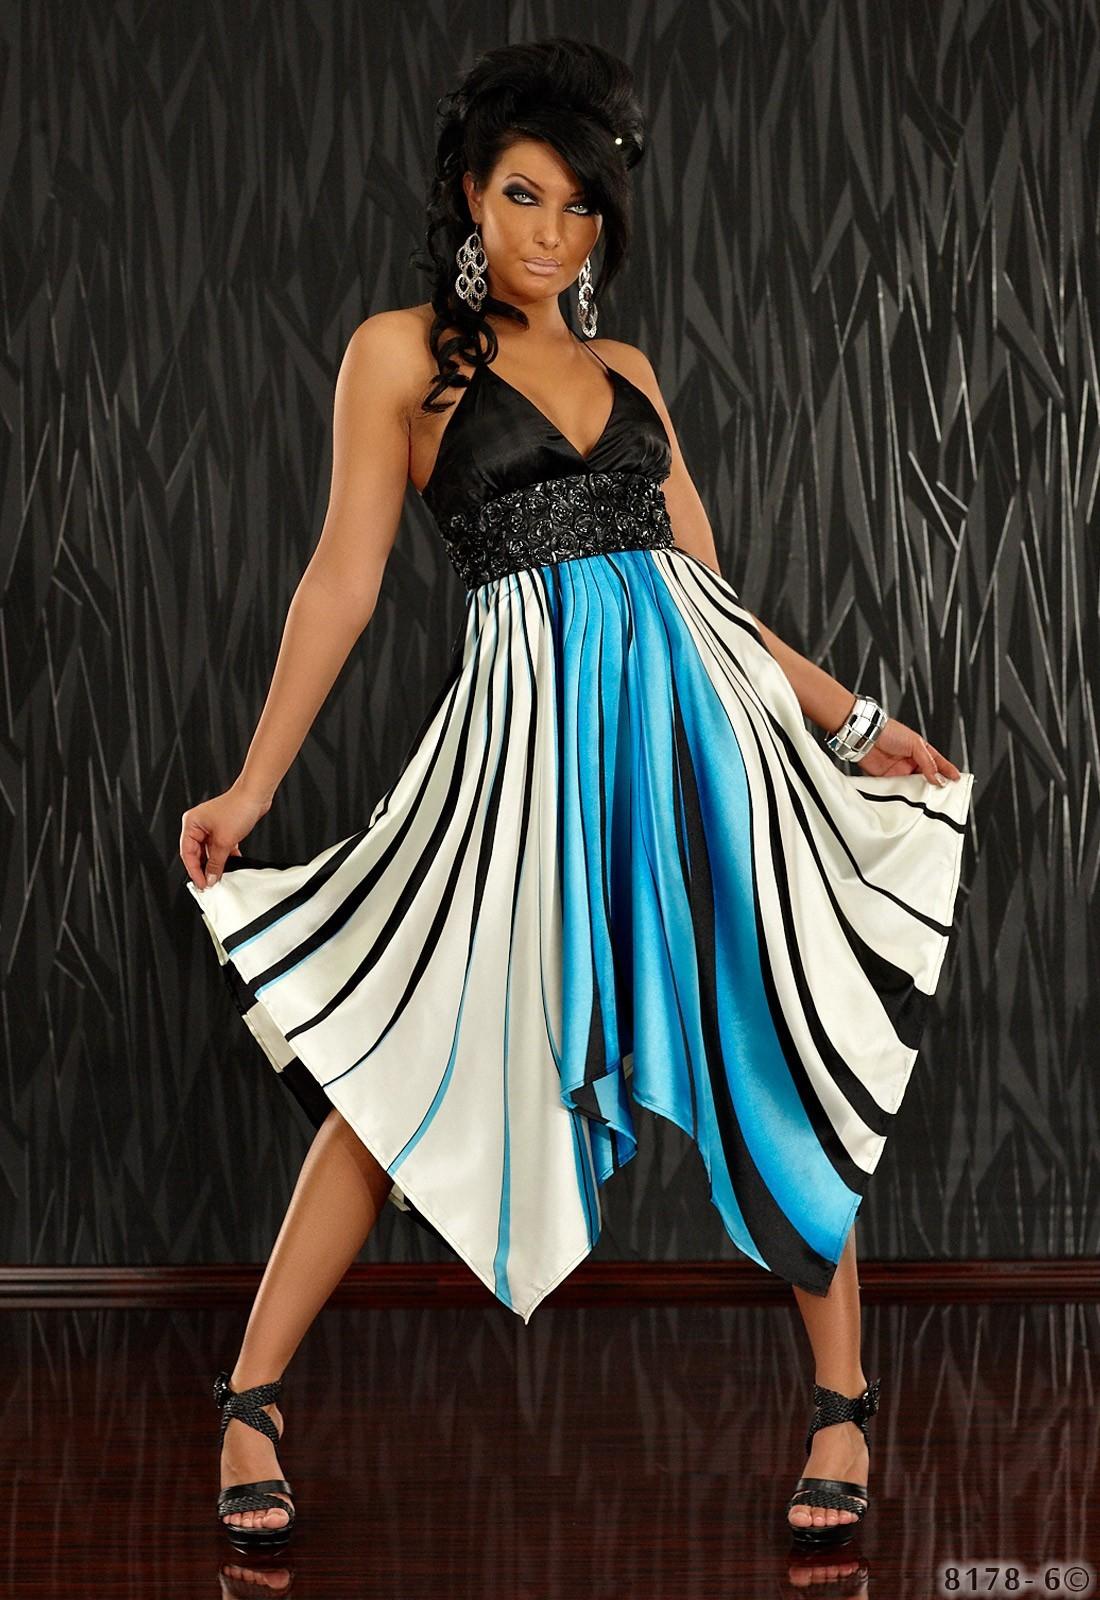 annawear - Kleid mit grafischen Streifen-Muster blau